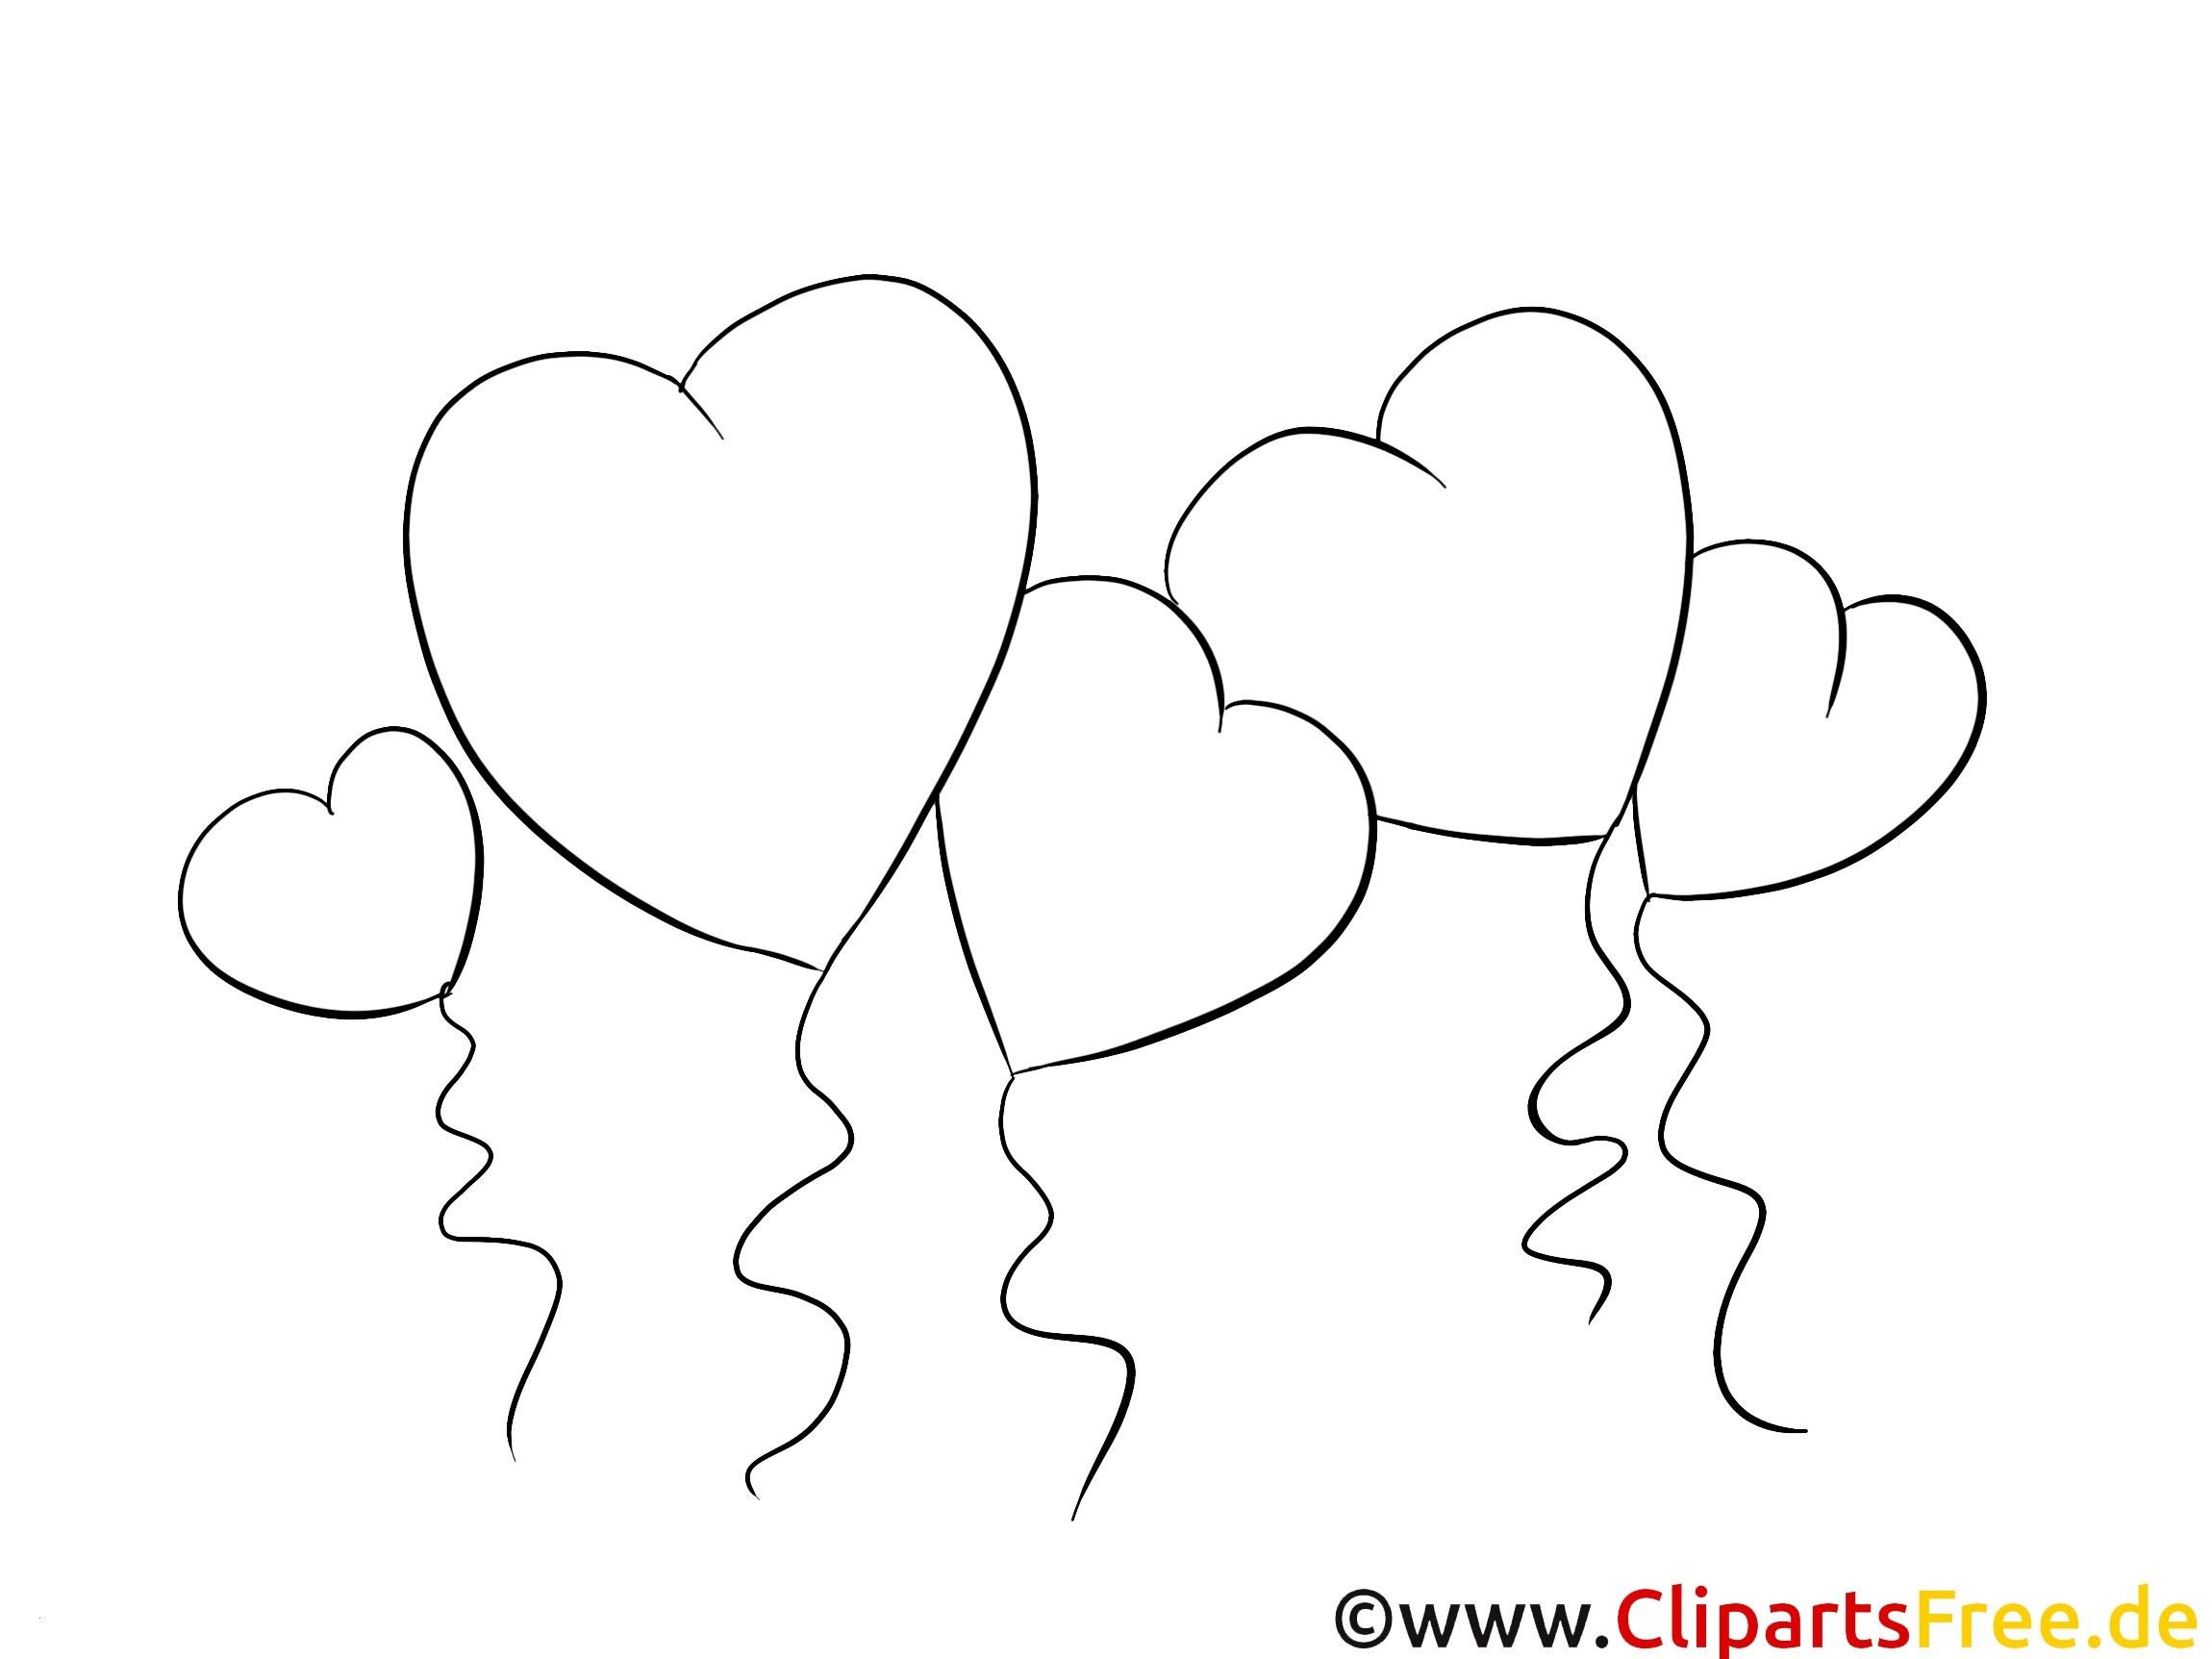 Herzen Zum Ausmalen Das Beste Von Valentinstag Malvorlagen Frisch Bienchen Mit Herz Bilder Zum Frisch Bilder